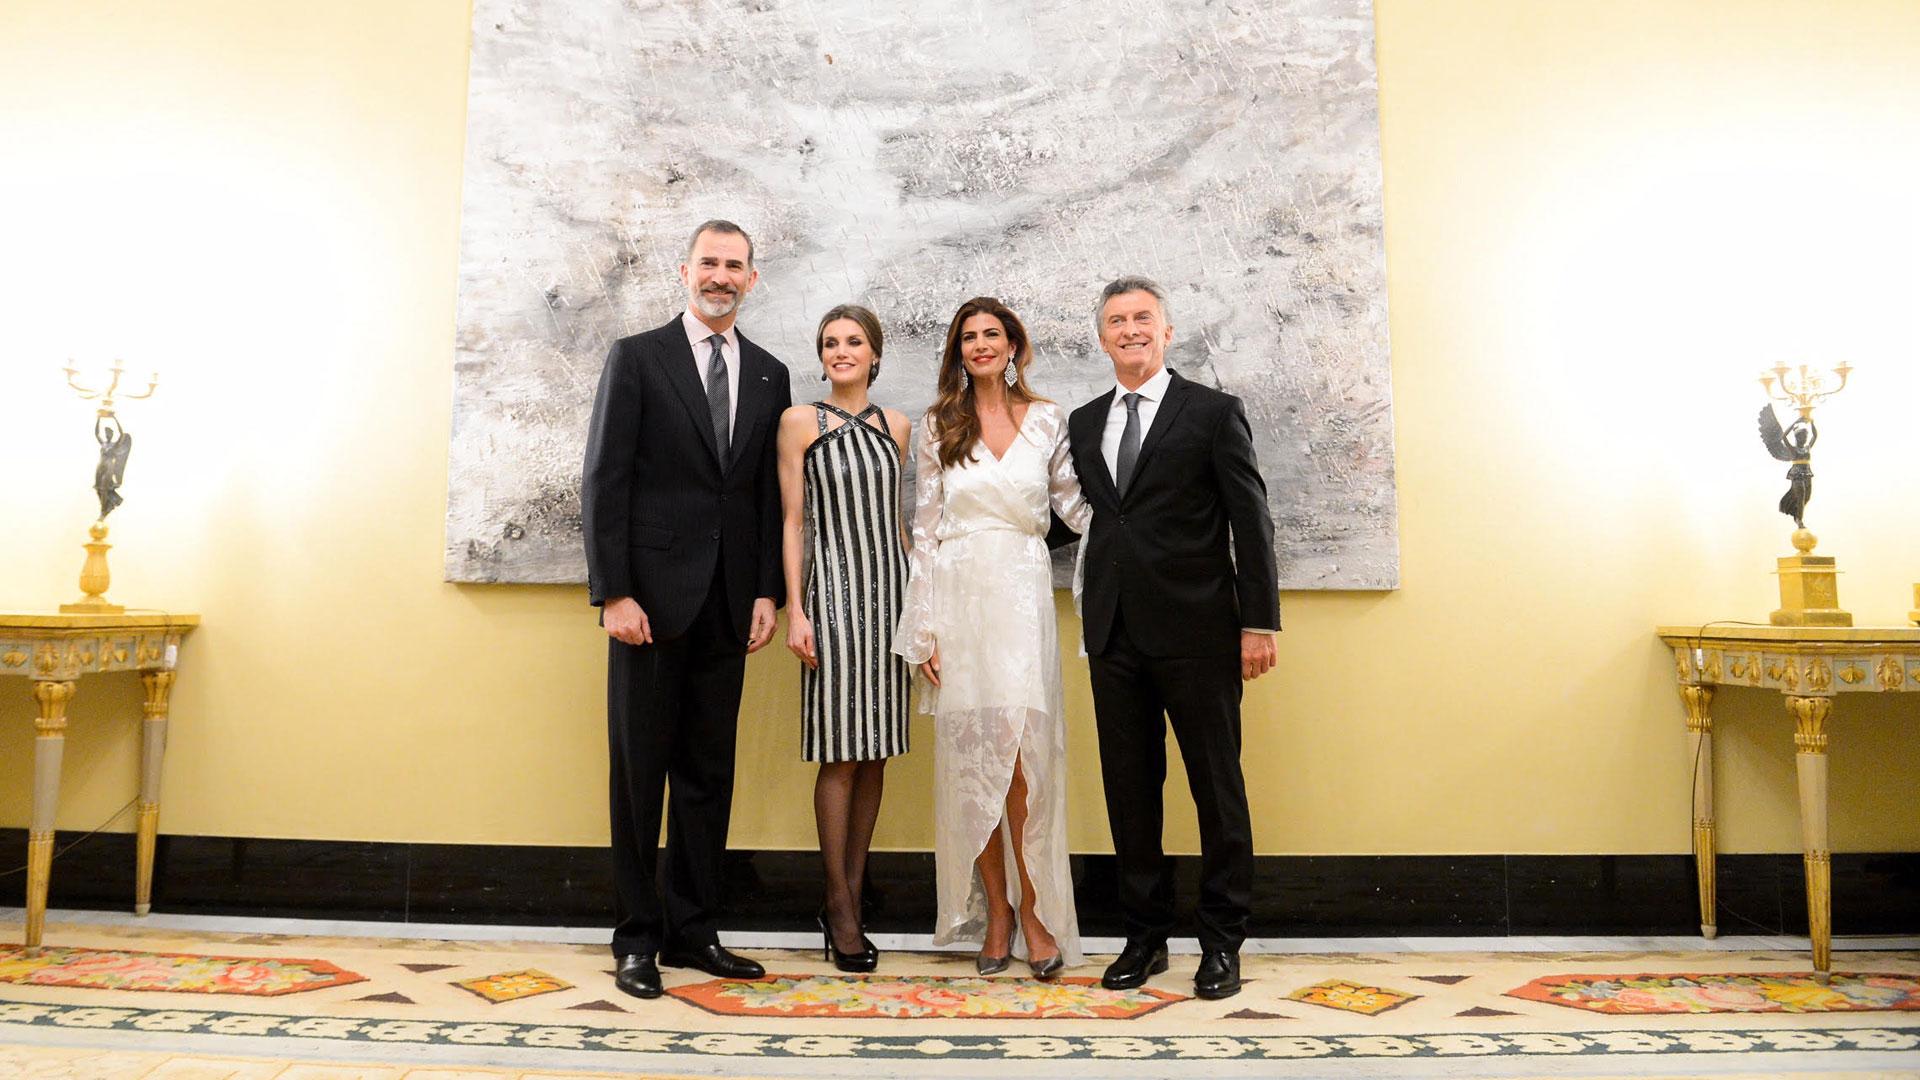 Los Reyes de España volverán a reencontrarse con el matrimonio presidencial argentino en el marco de la visita de Estado a la Argentina, que incluye el Congreso de la Lengua en Córdoba.